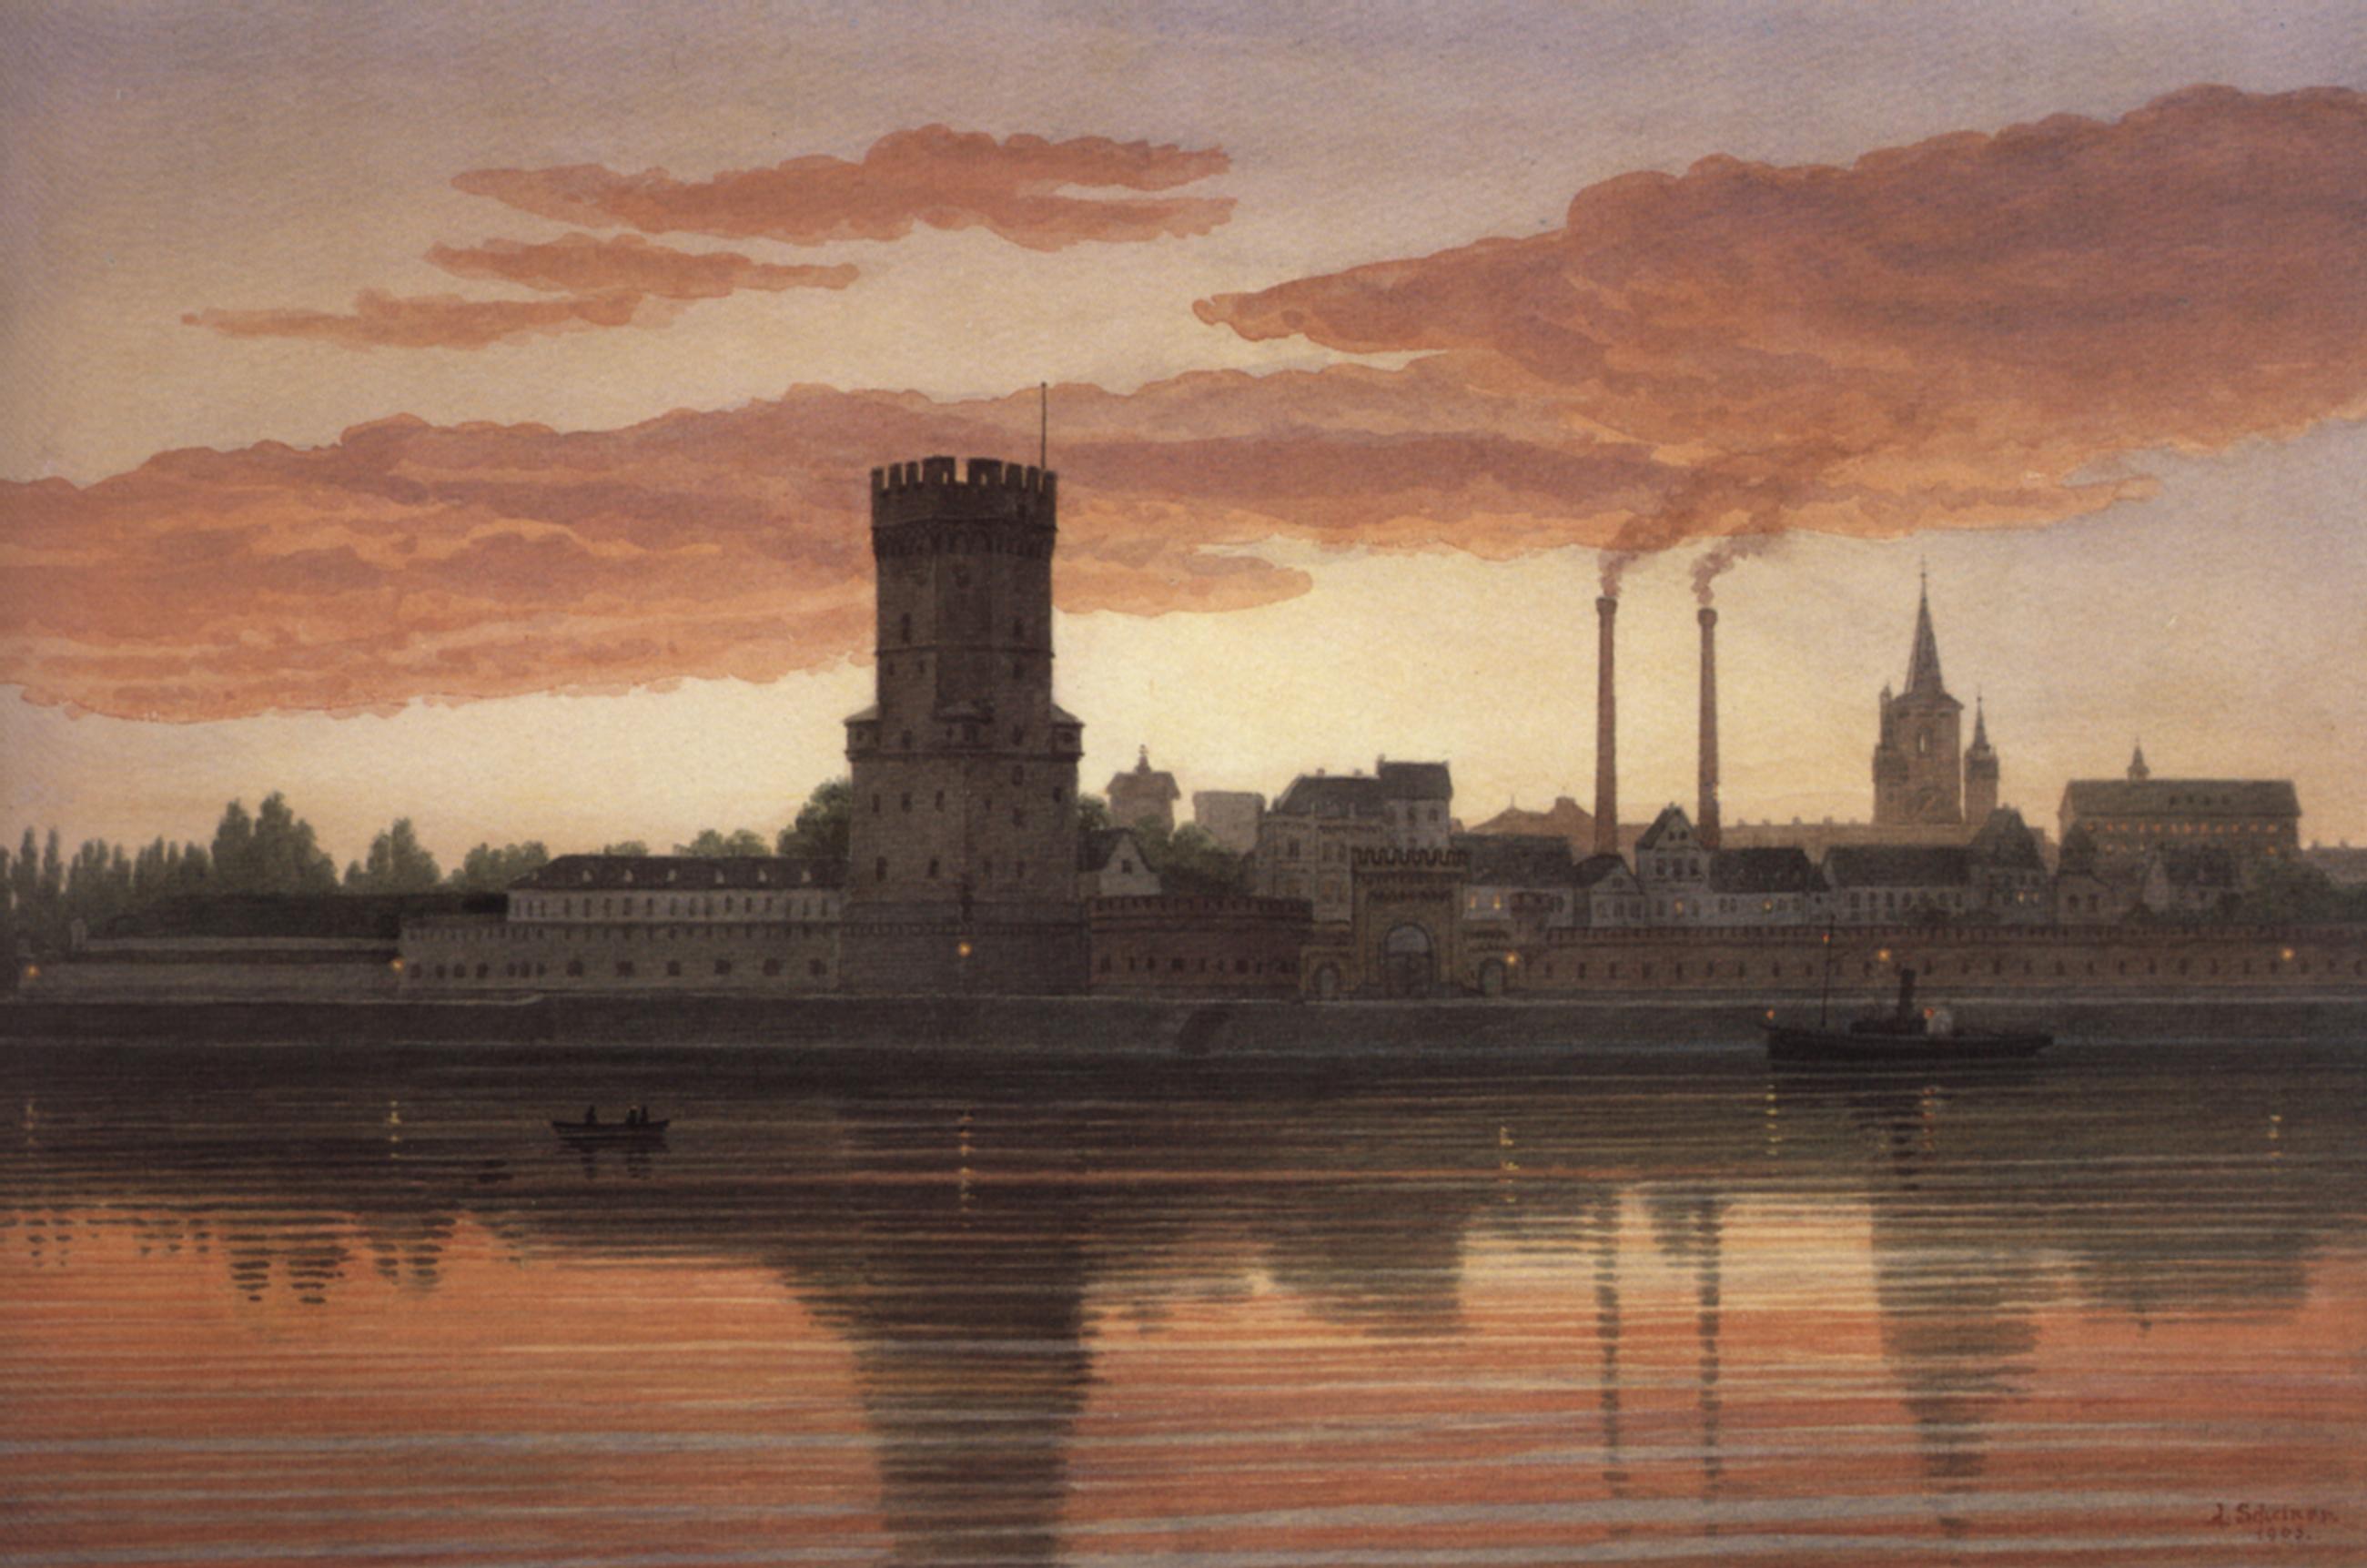 Bayenturm und Severinsviertel, Aquarell von Jakob Schreiner, 1905 © Kölnisches Stadtmuseum